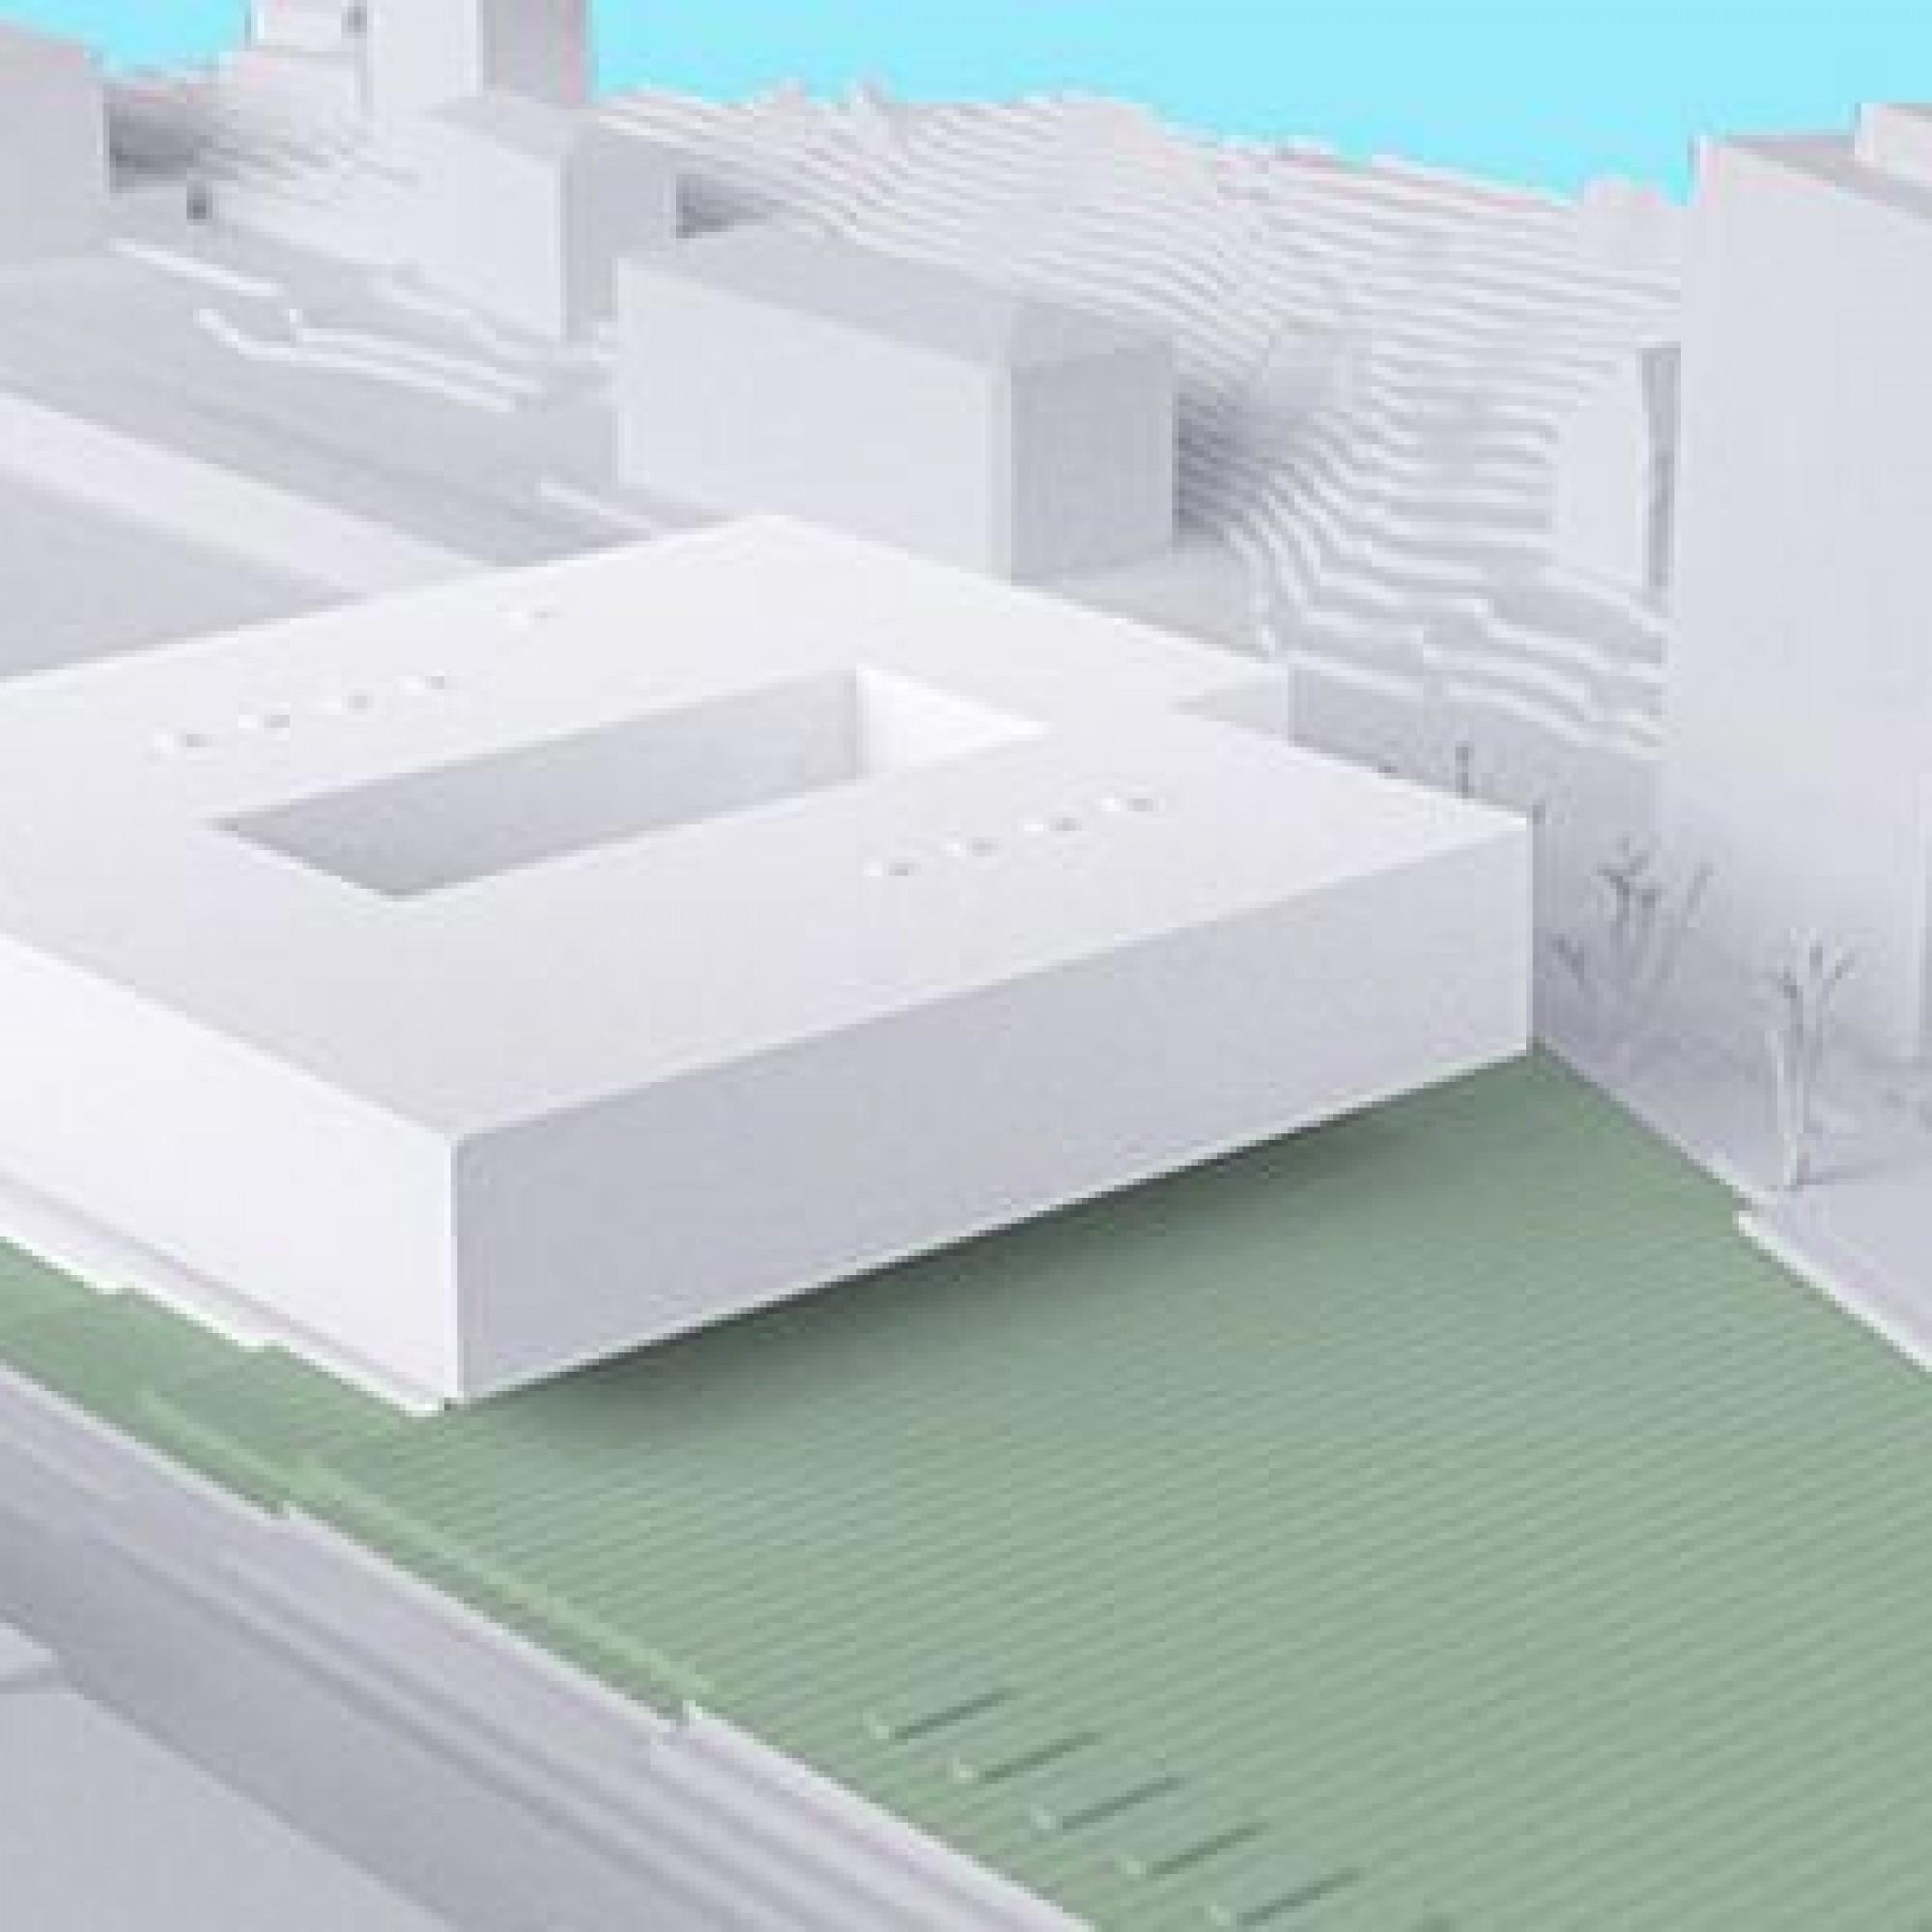 Le projet prévoyait de construire 60 salles de classe, une salle de gymnastique triple, une bibliothèque et un aula de 280 places.